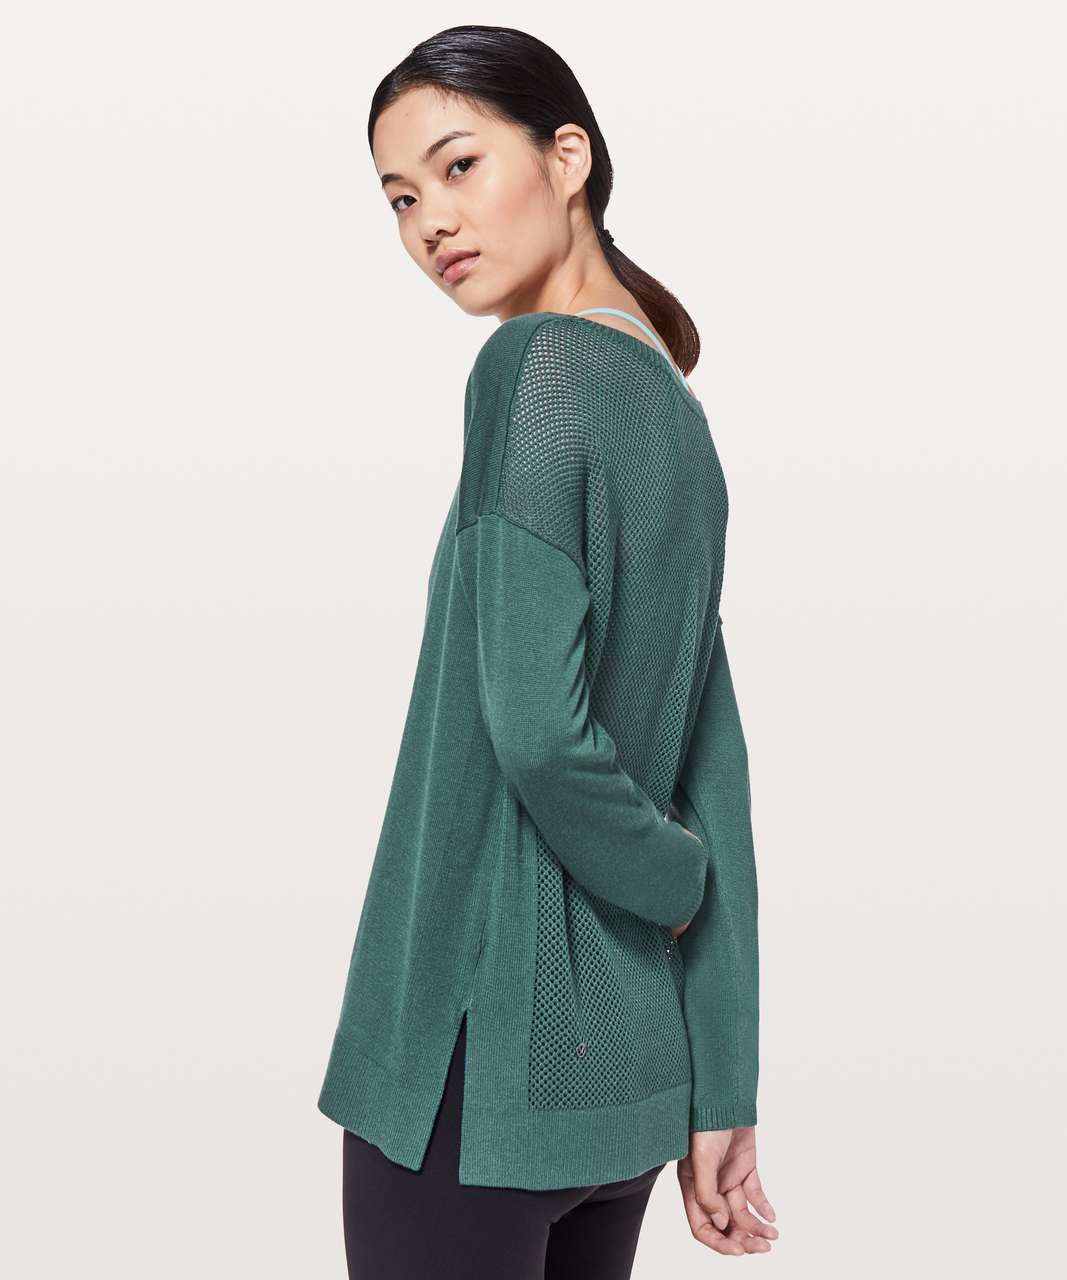 Lululemon Well Being Sweater - Green Jasper